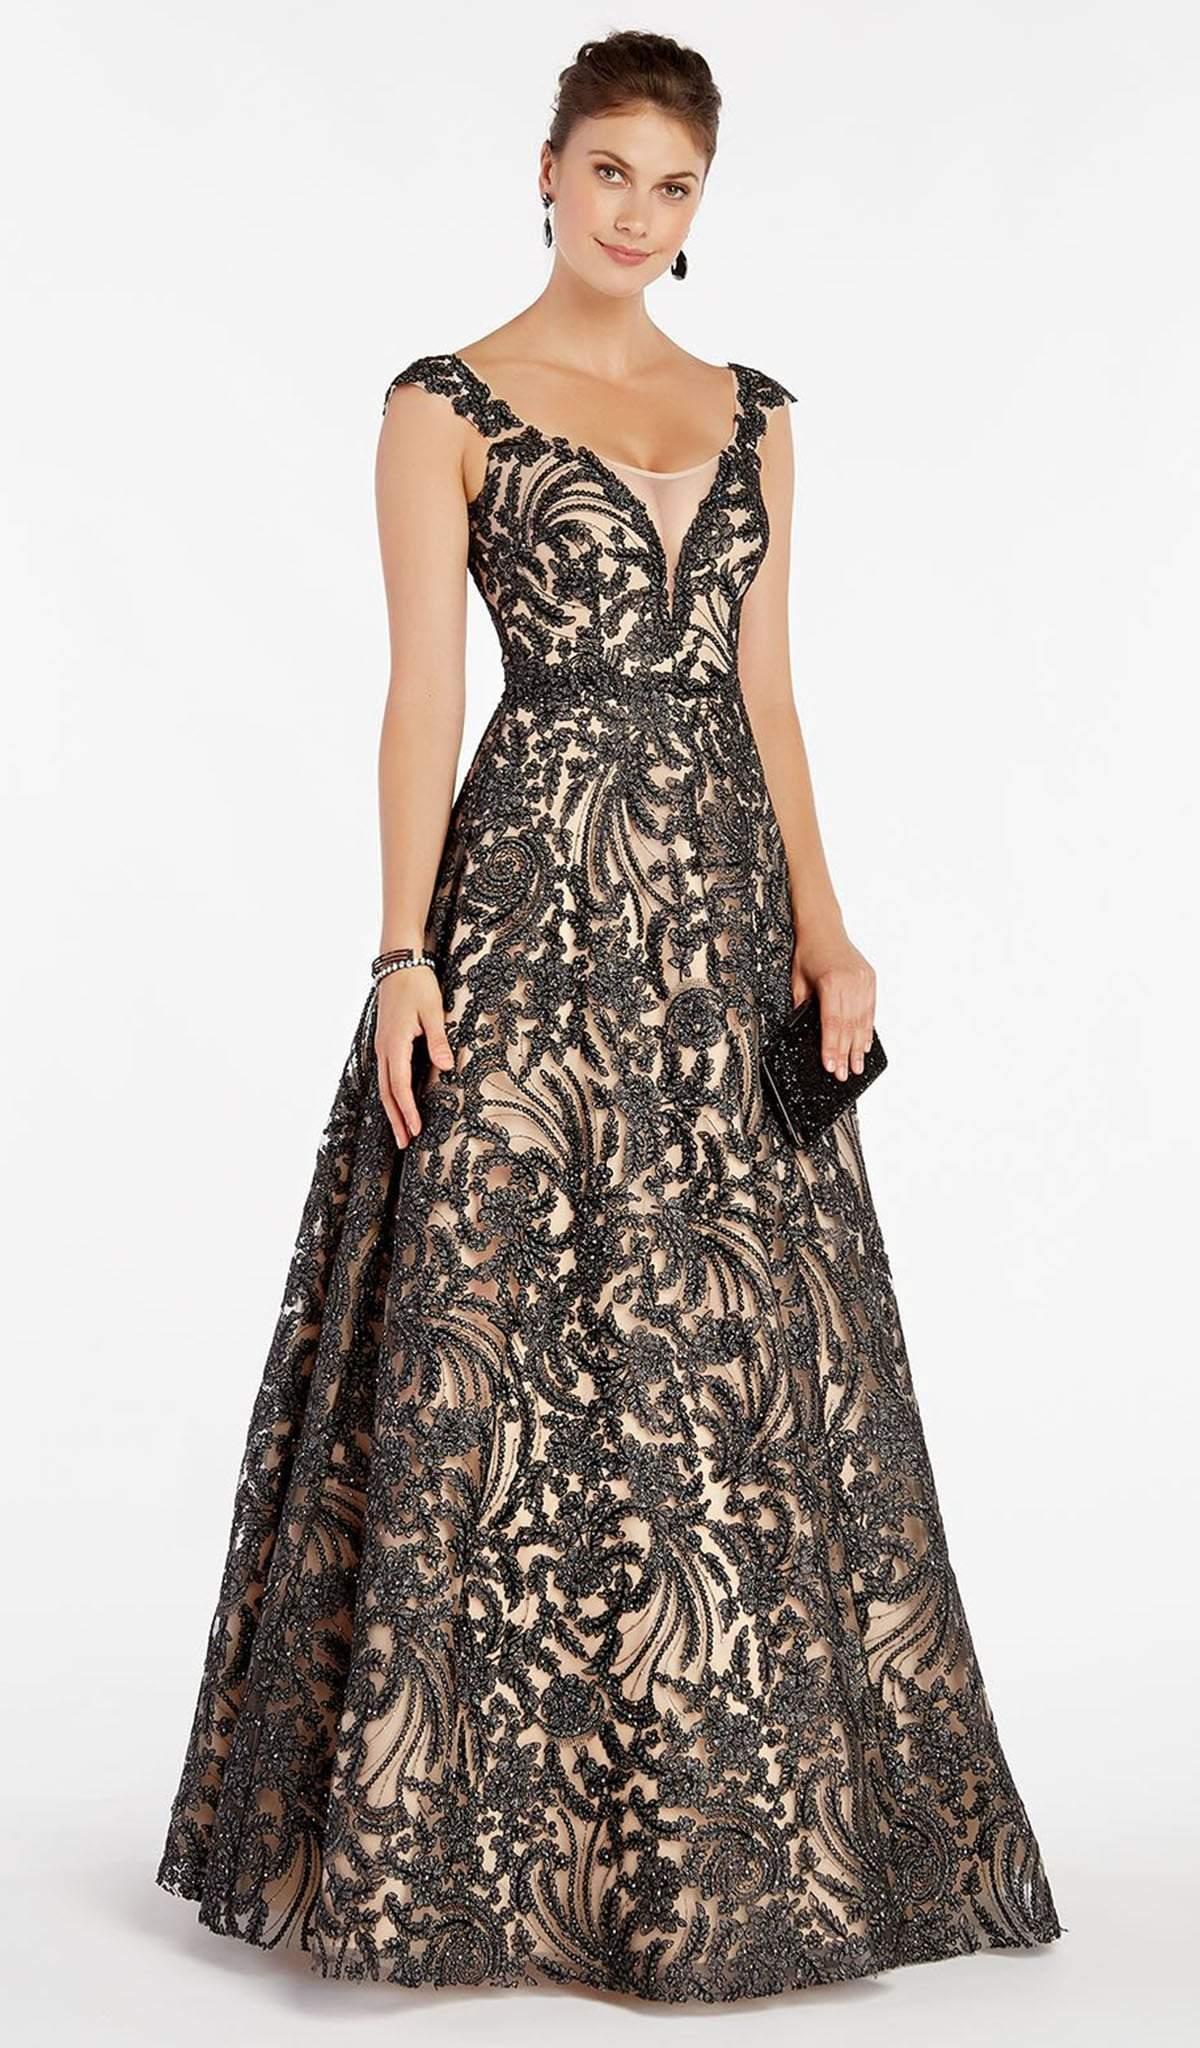 Alyce Paris - 5064 Cap Sleeve Foliage Motif A-Line Gown